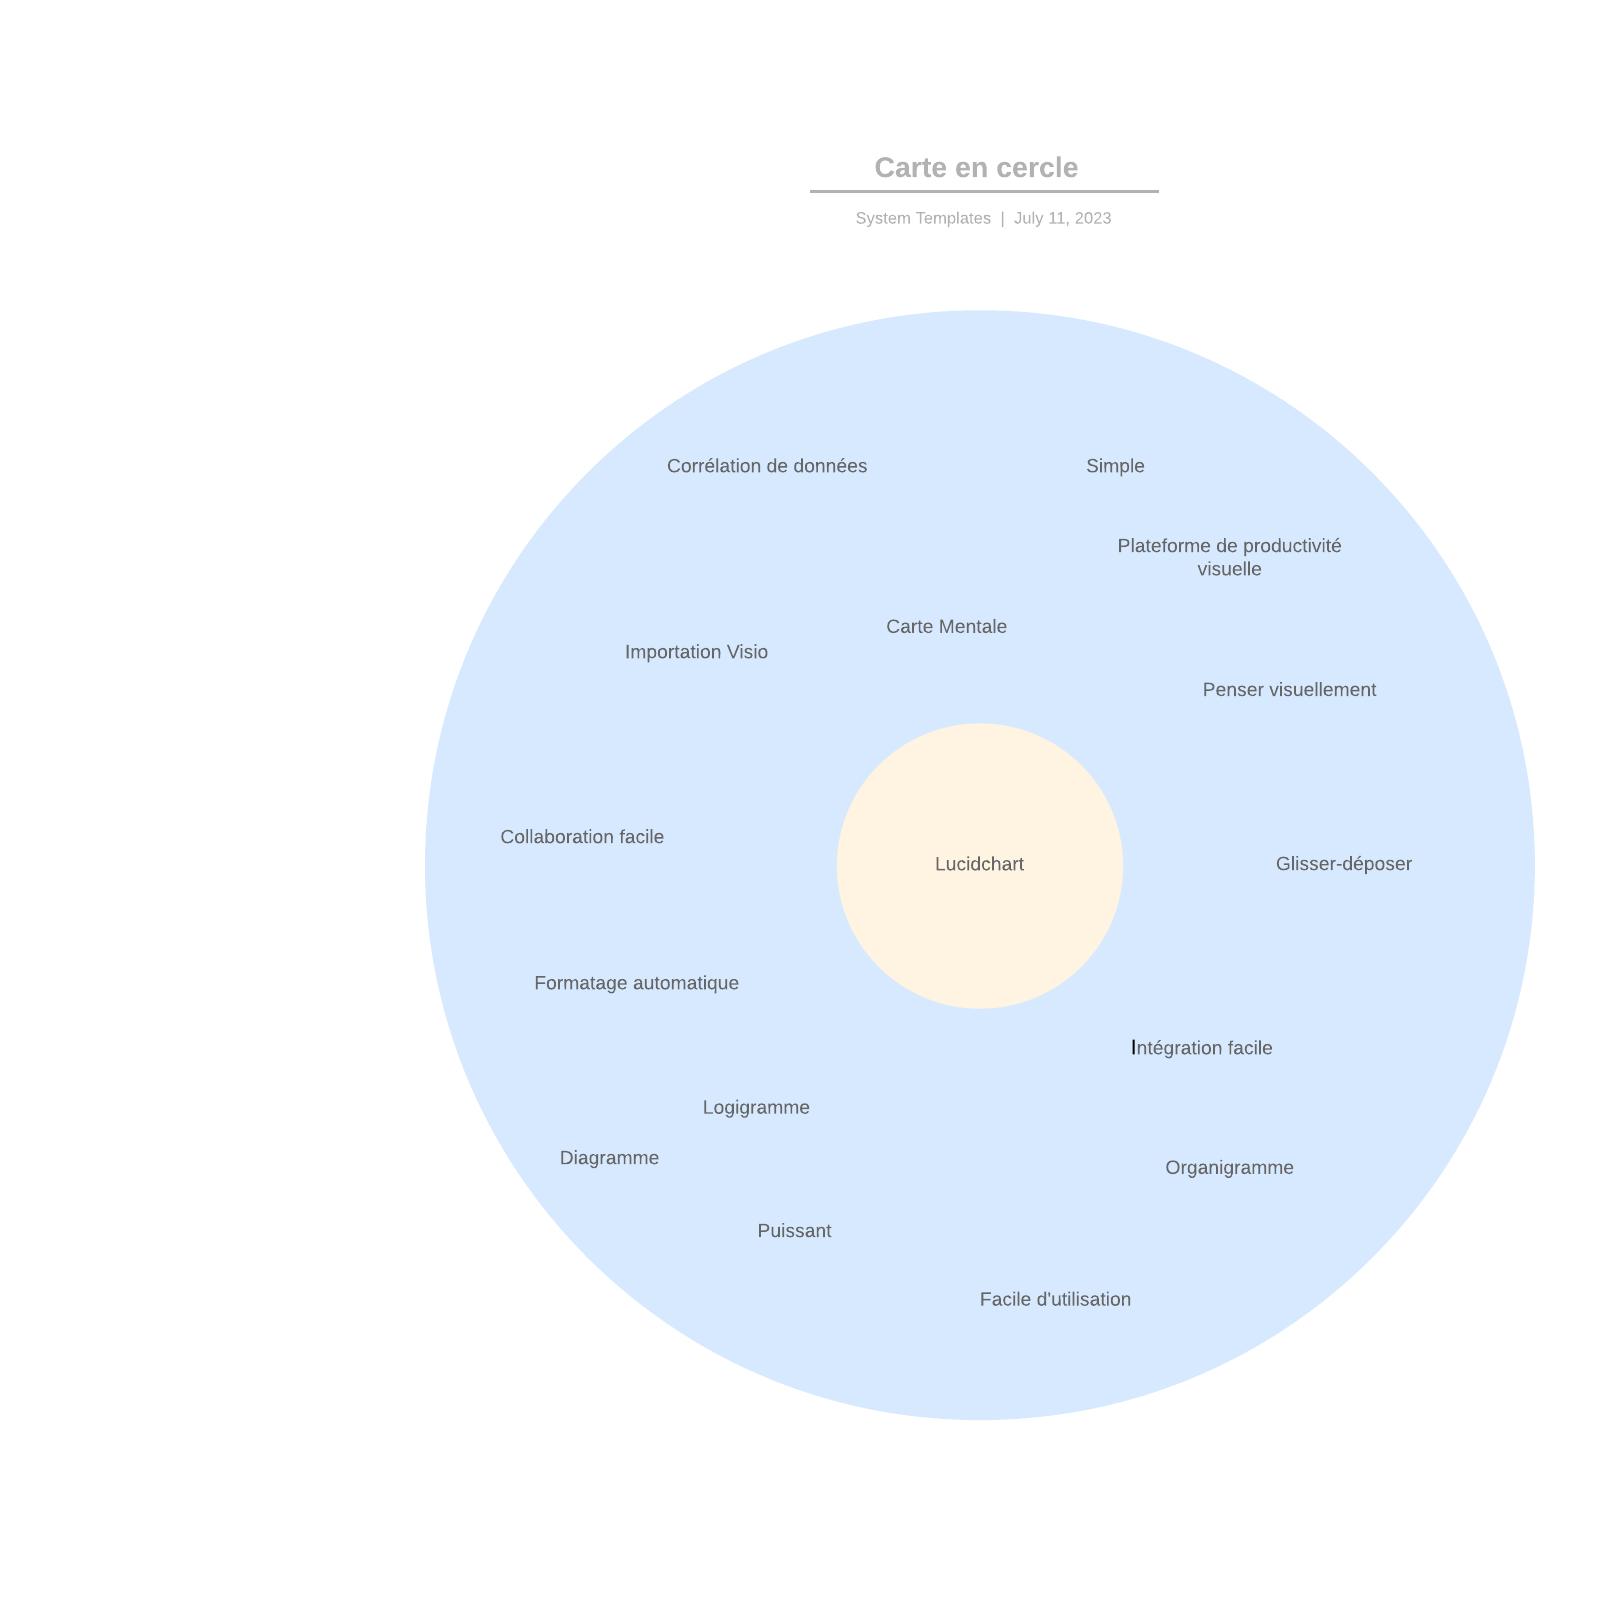 exemple de carte mentale en cercle